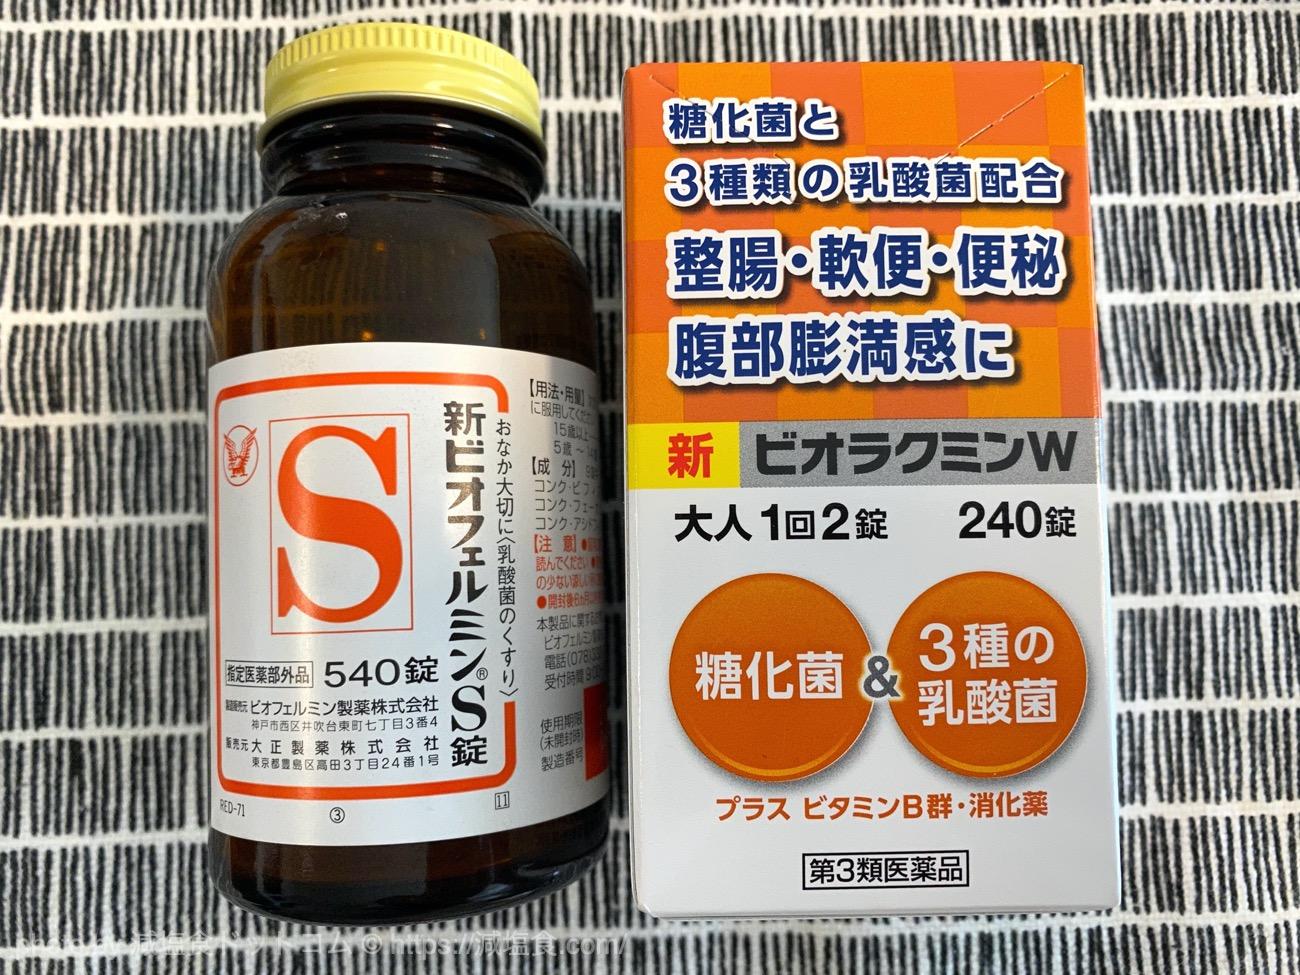 潰瘍性大腸炎 ビオフェルミン